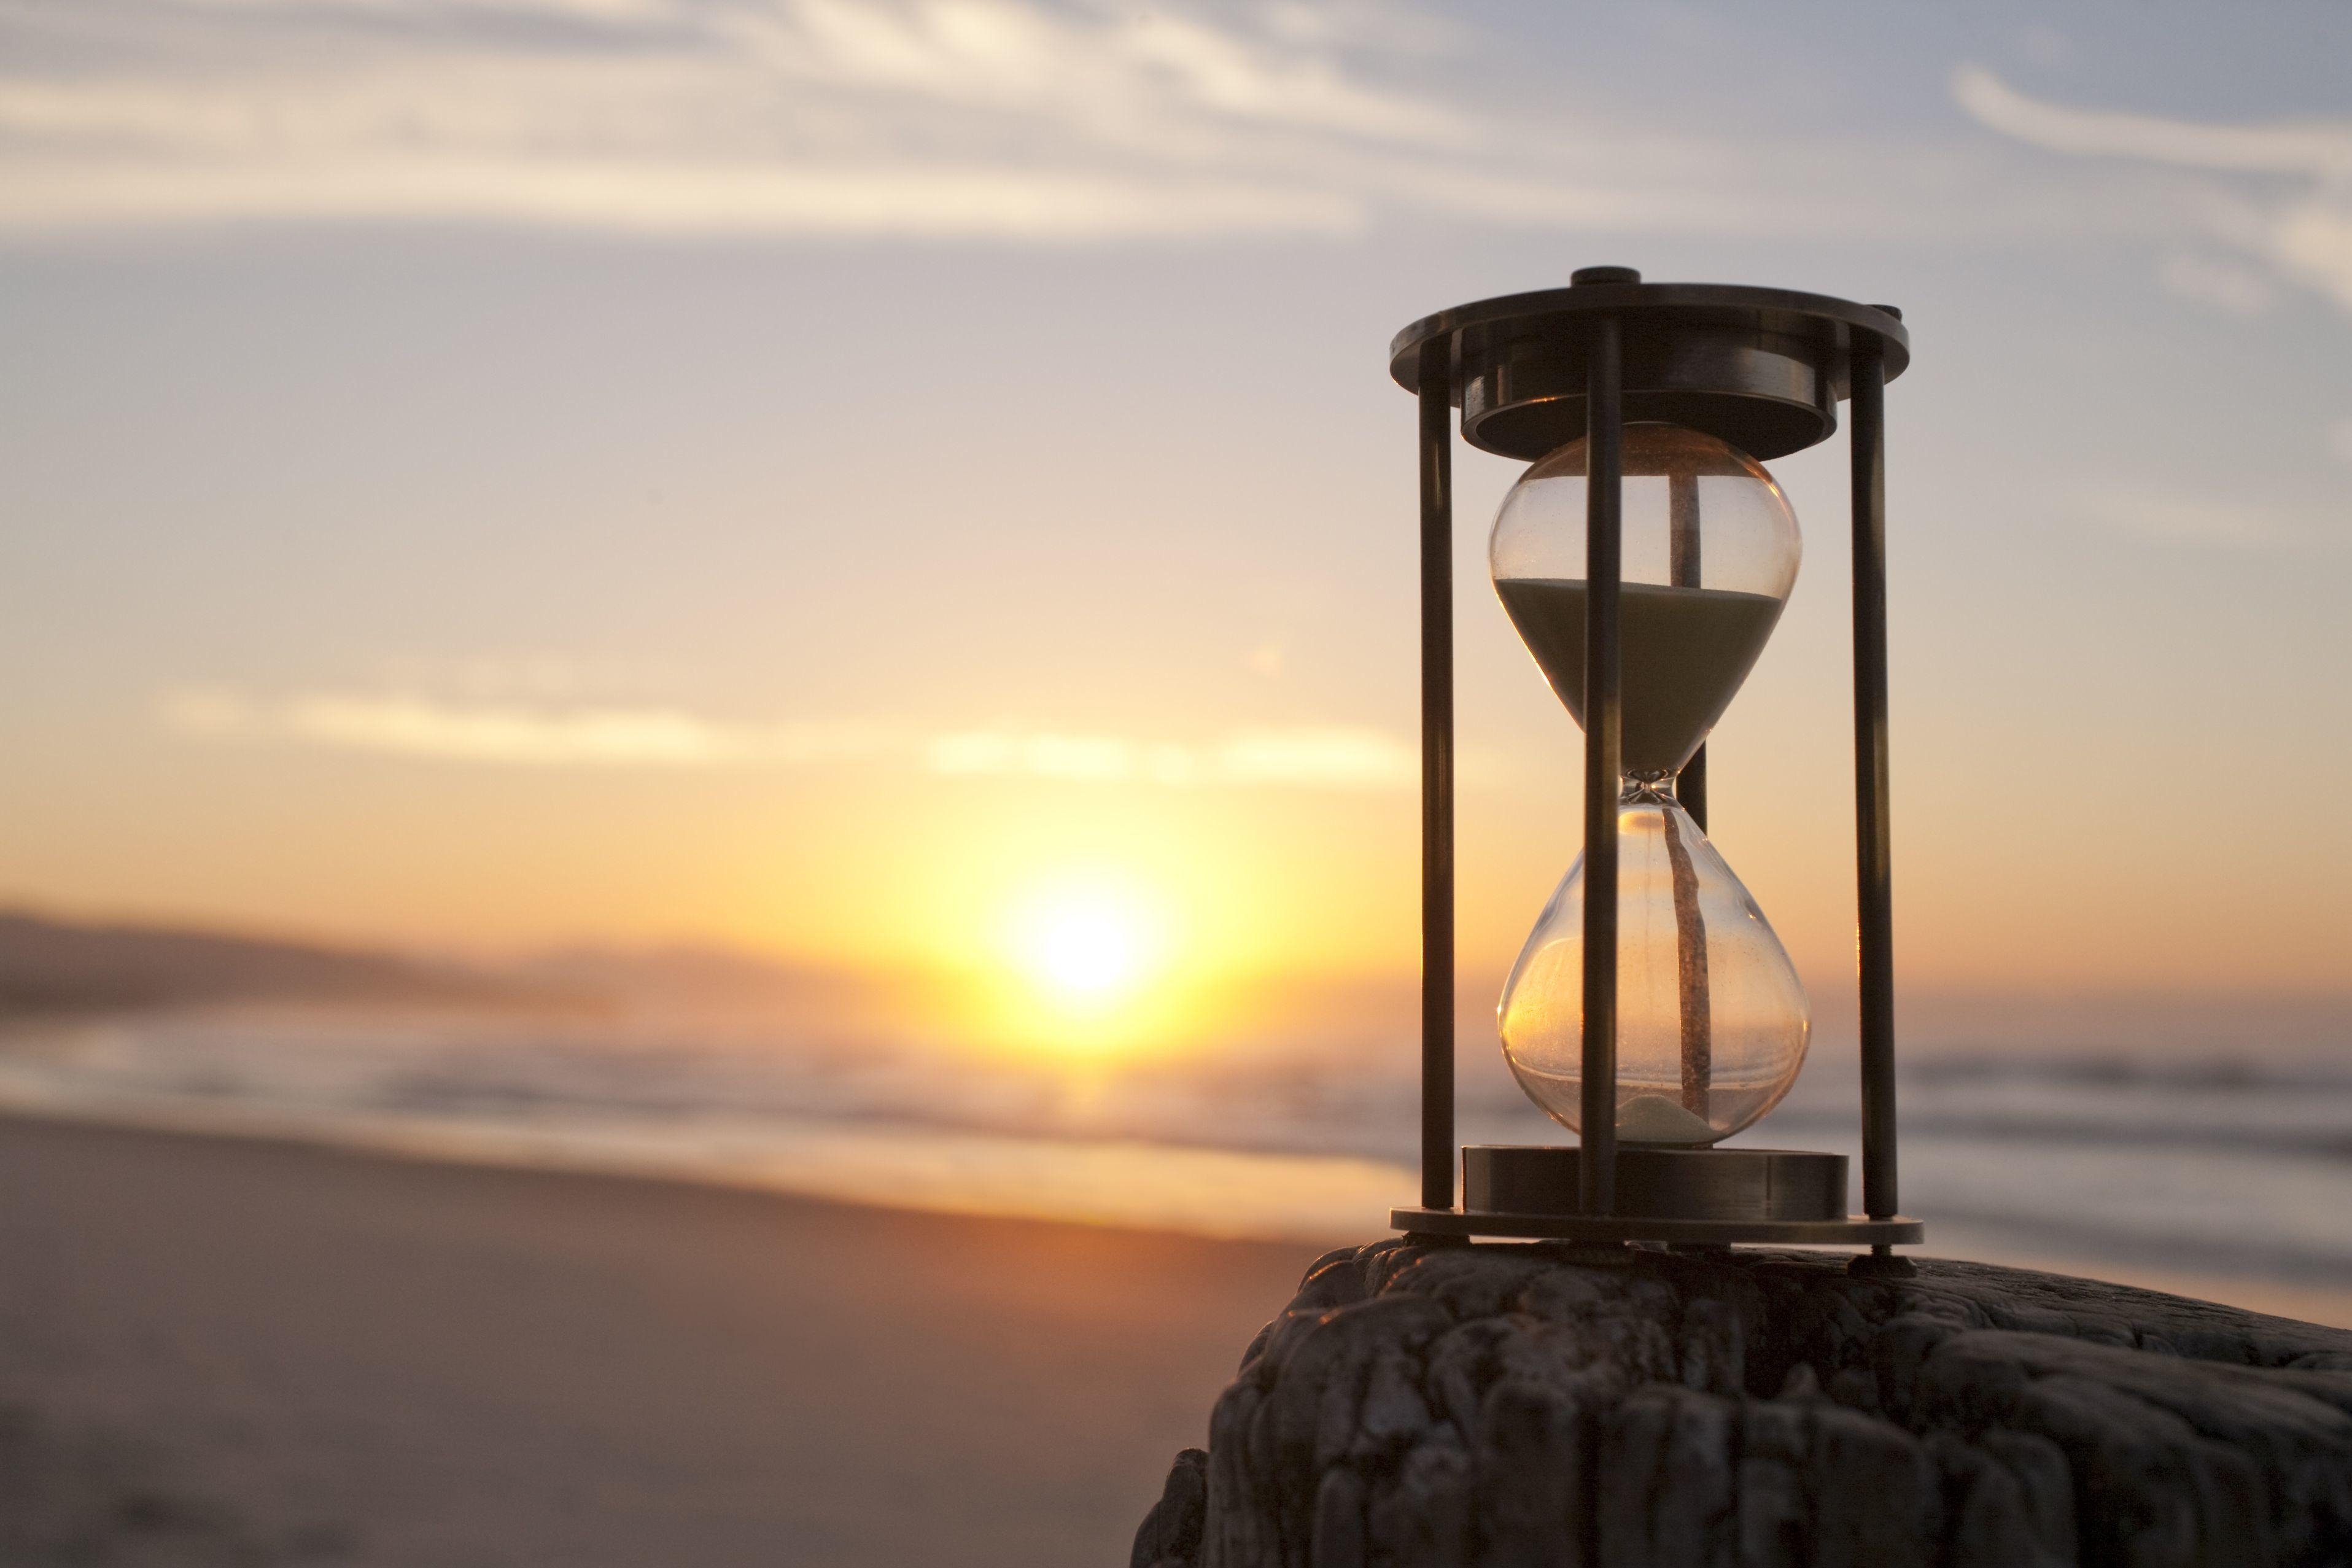 hour glass on beach